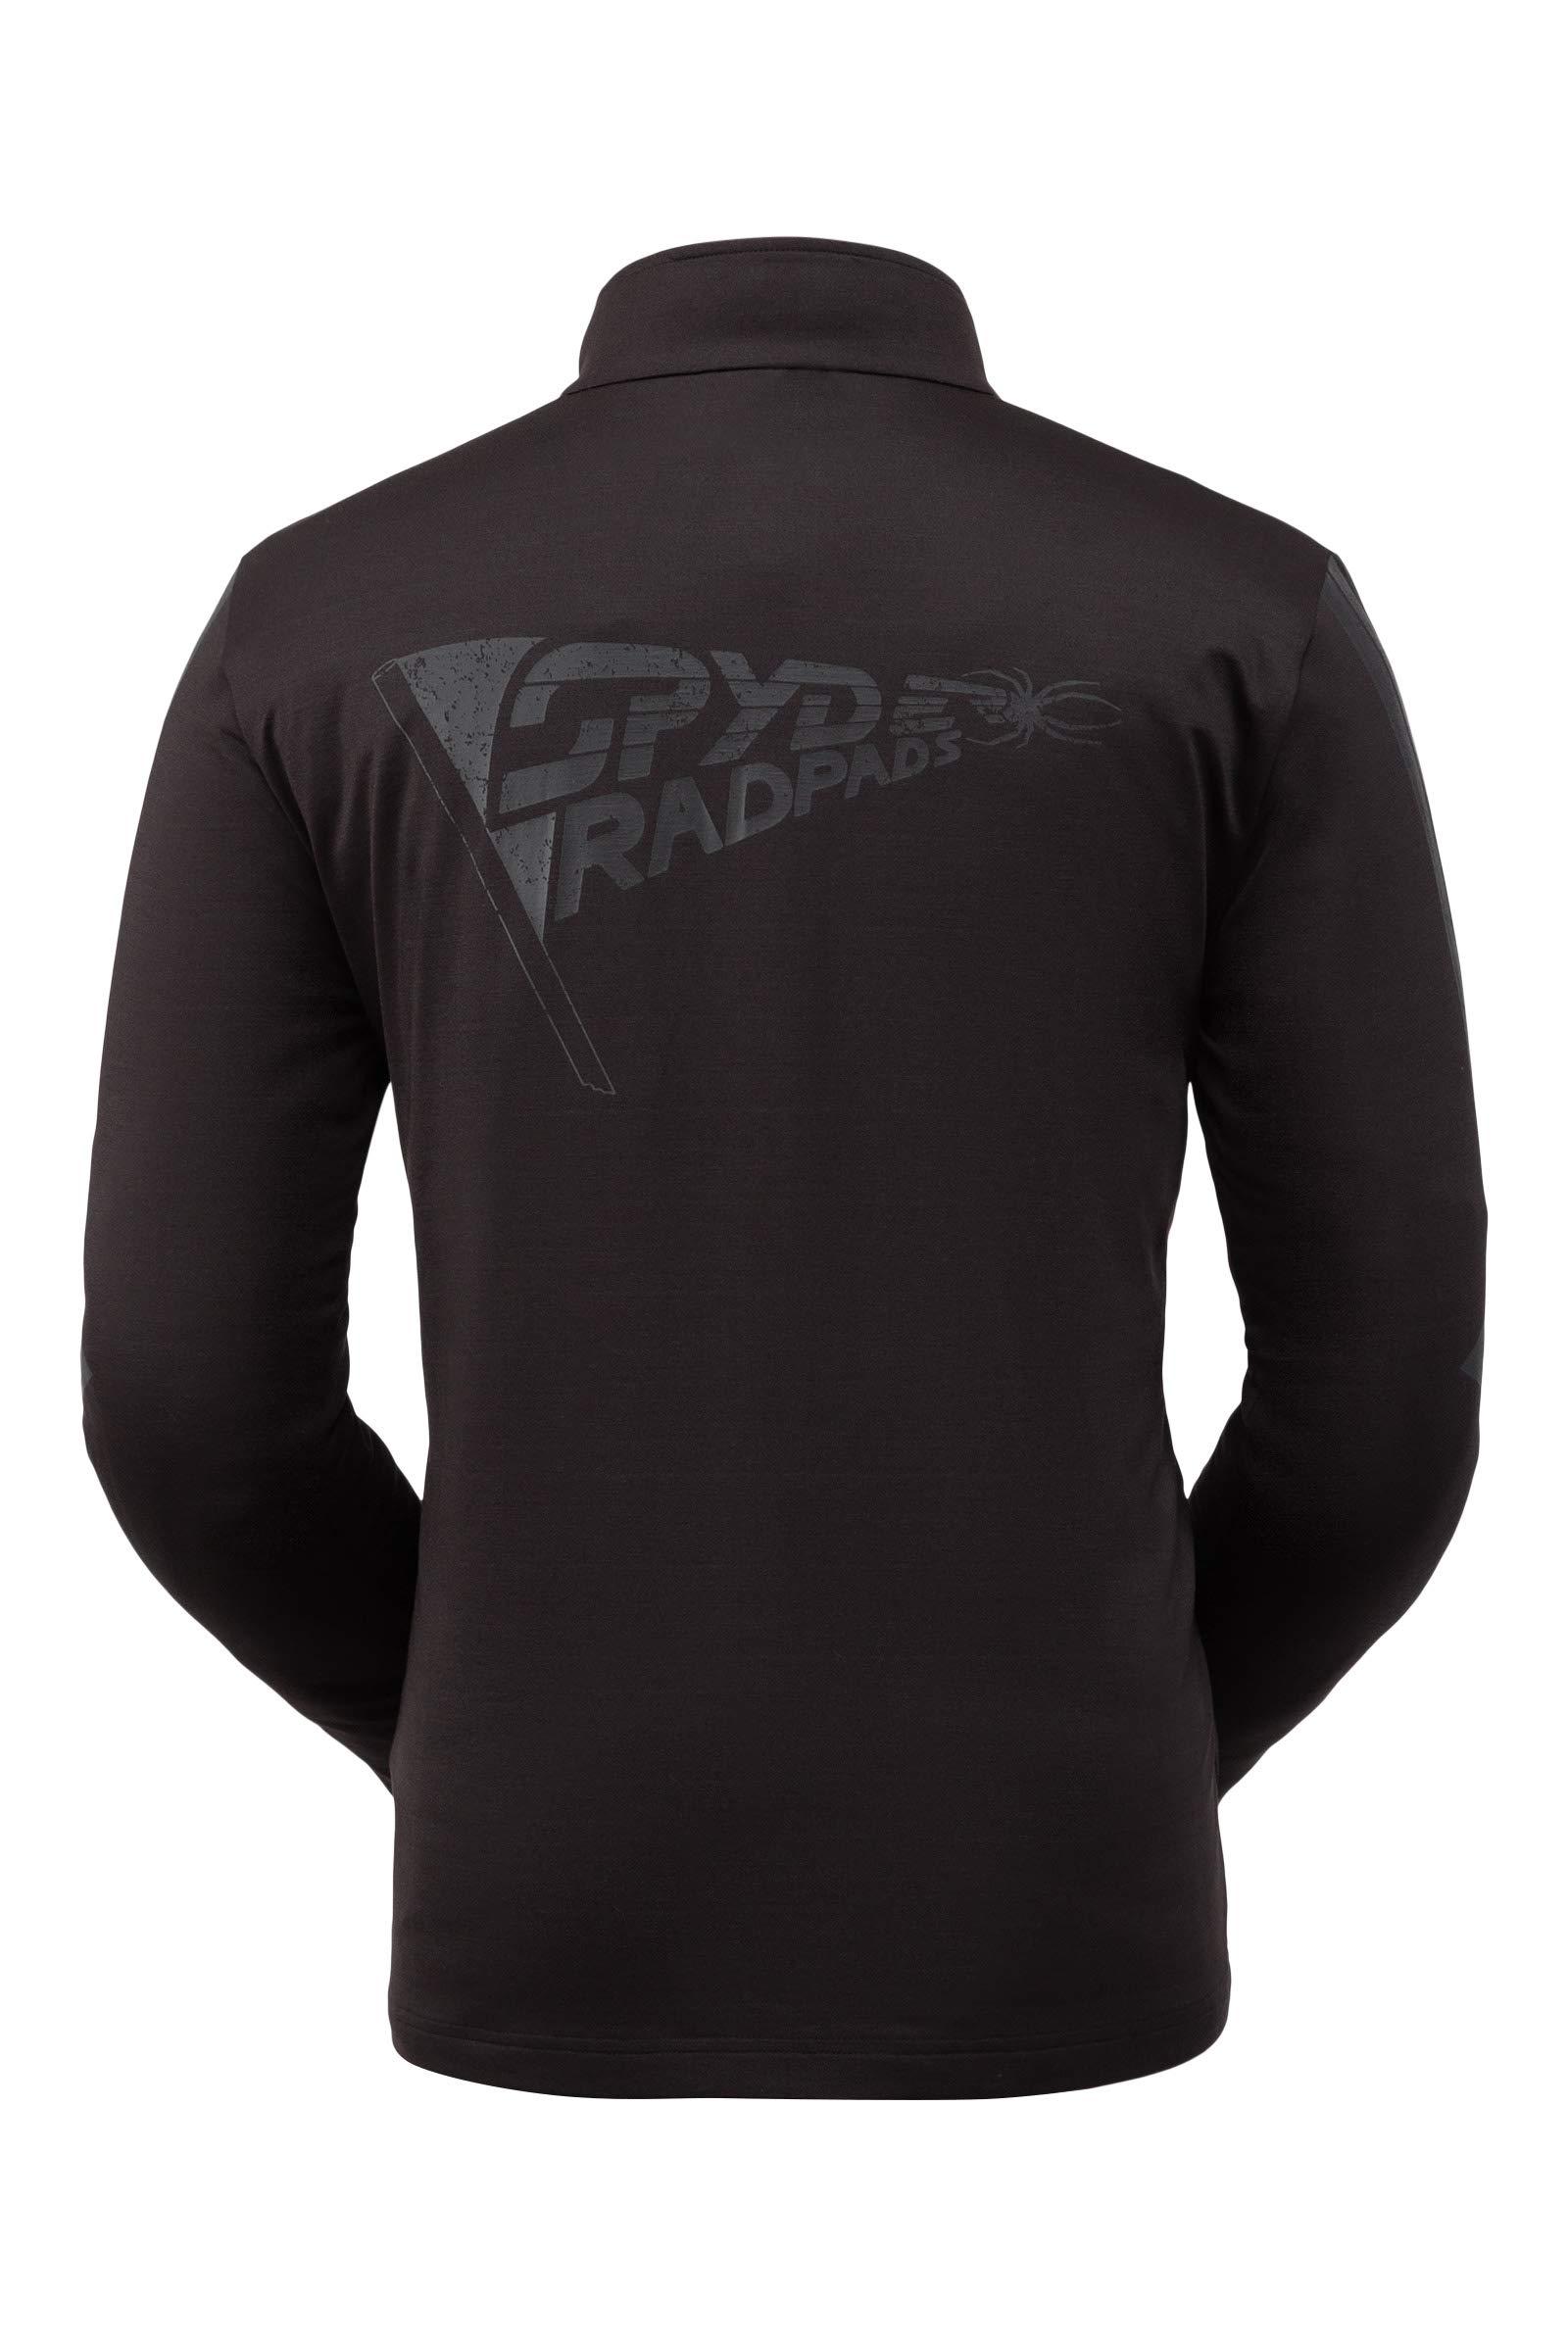 Spyder Men's Paramount Zip T-Neck – Quarter-Zip Pullover Long Sleeve Active Shirt